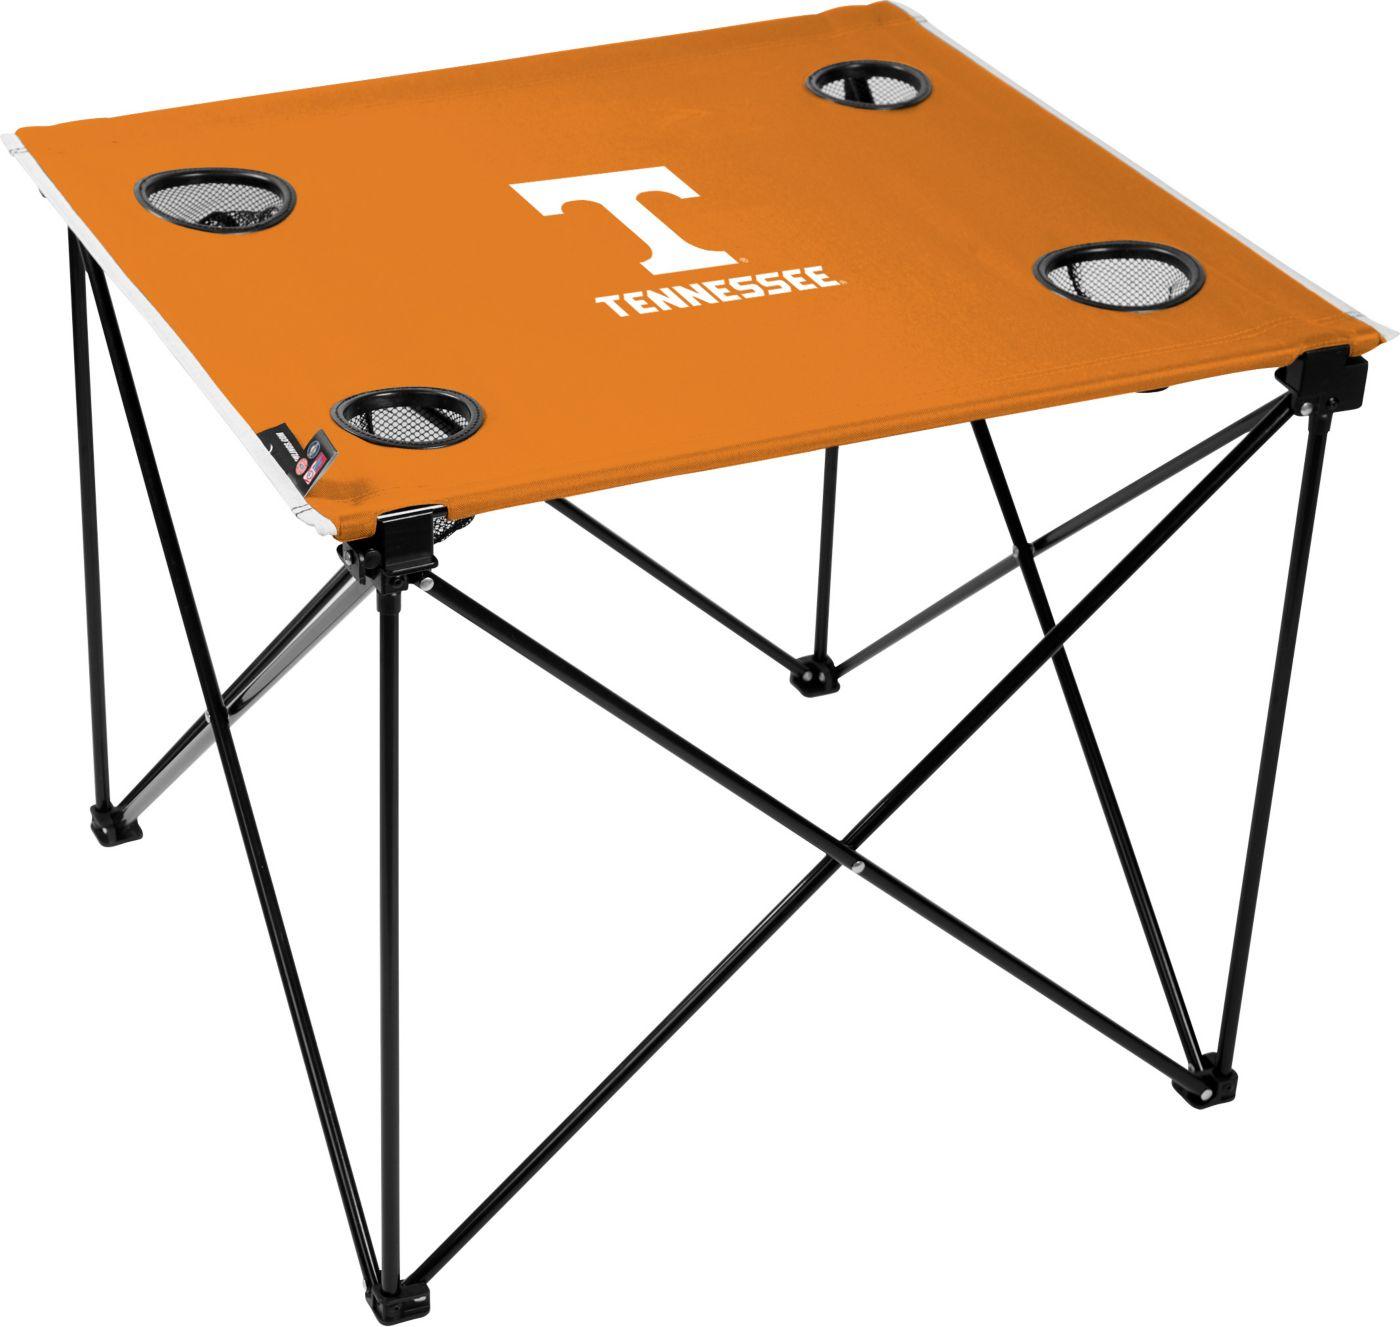 Rawlings Tennessee Volunteers Deluxe TLG8 Table